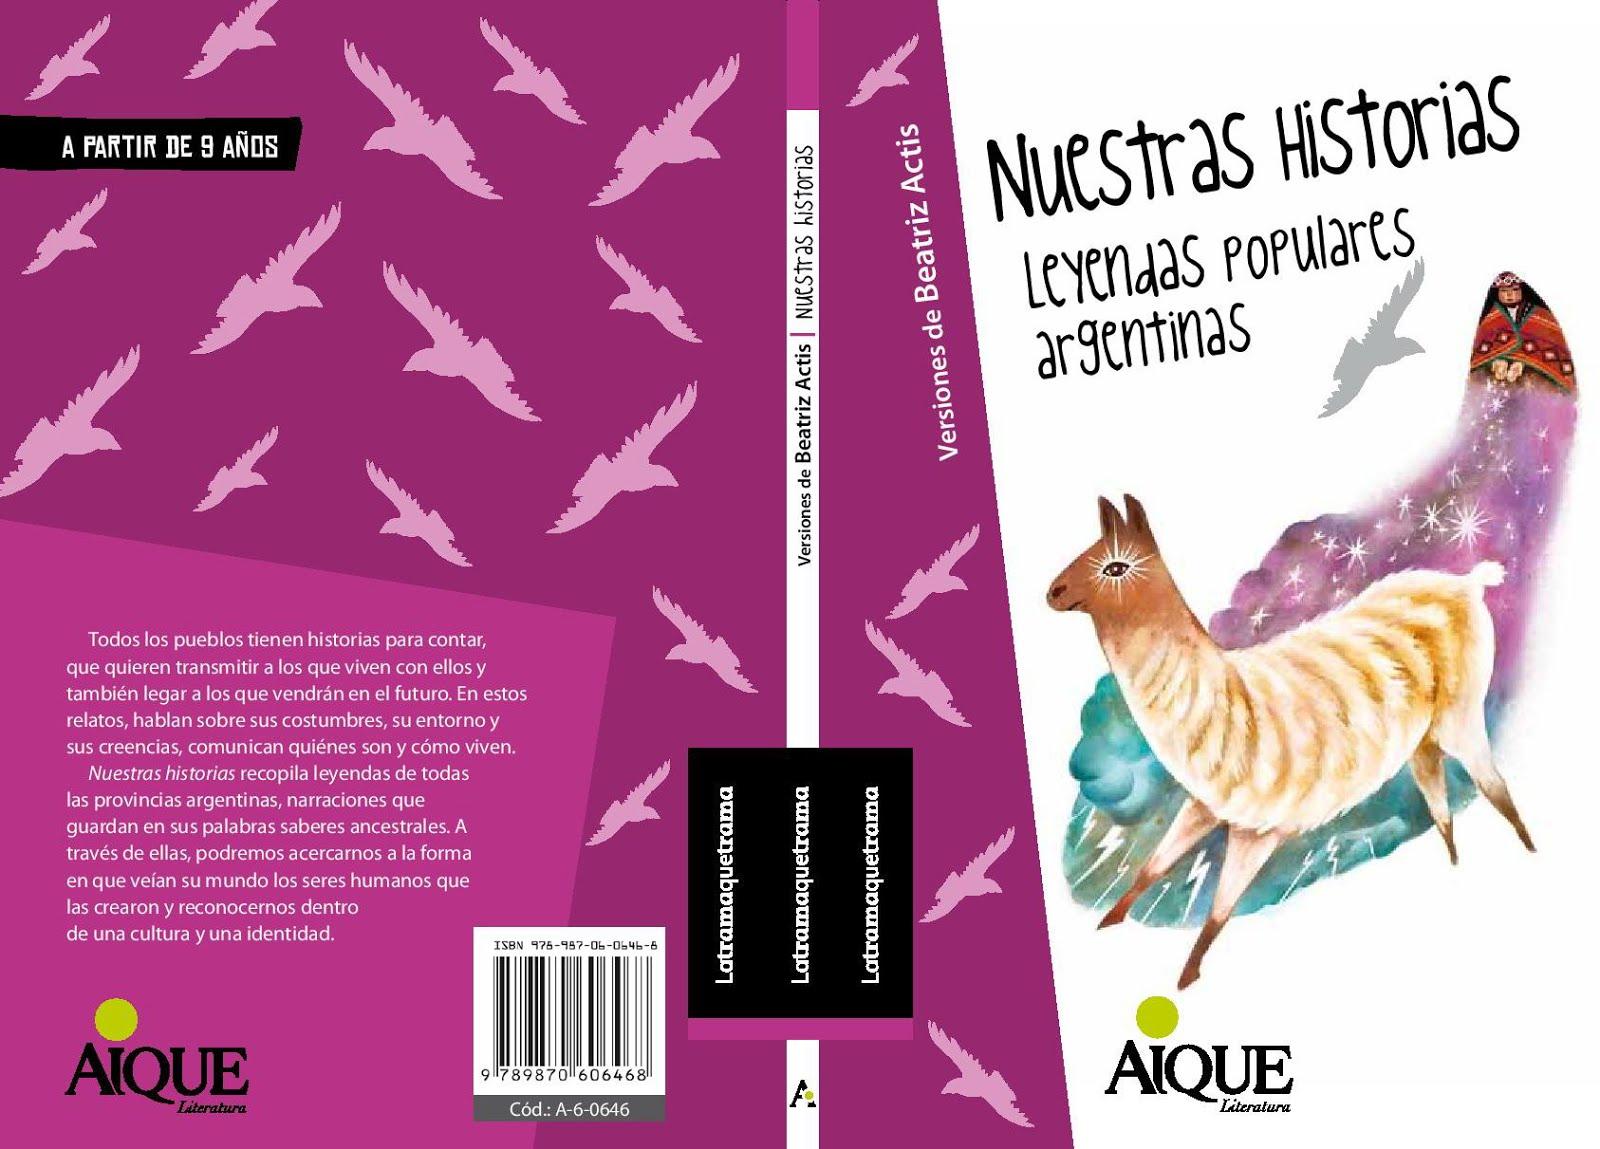 Nuestras historias, Leyendas populares argentinas